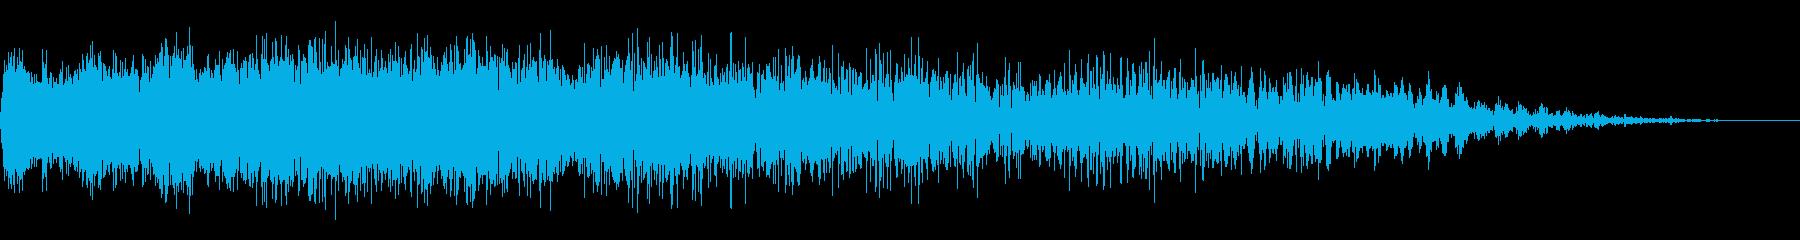 機械ダウン、壊れるA03の再生済みの波形